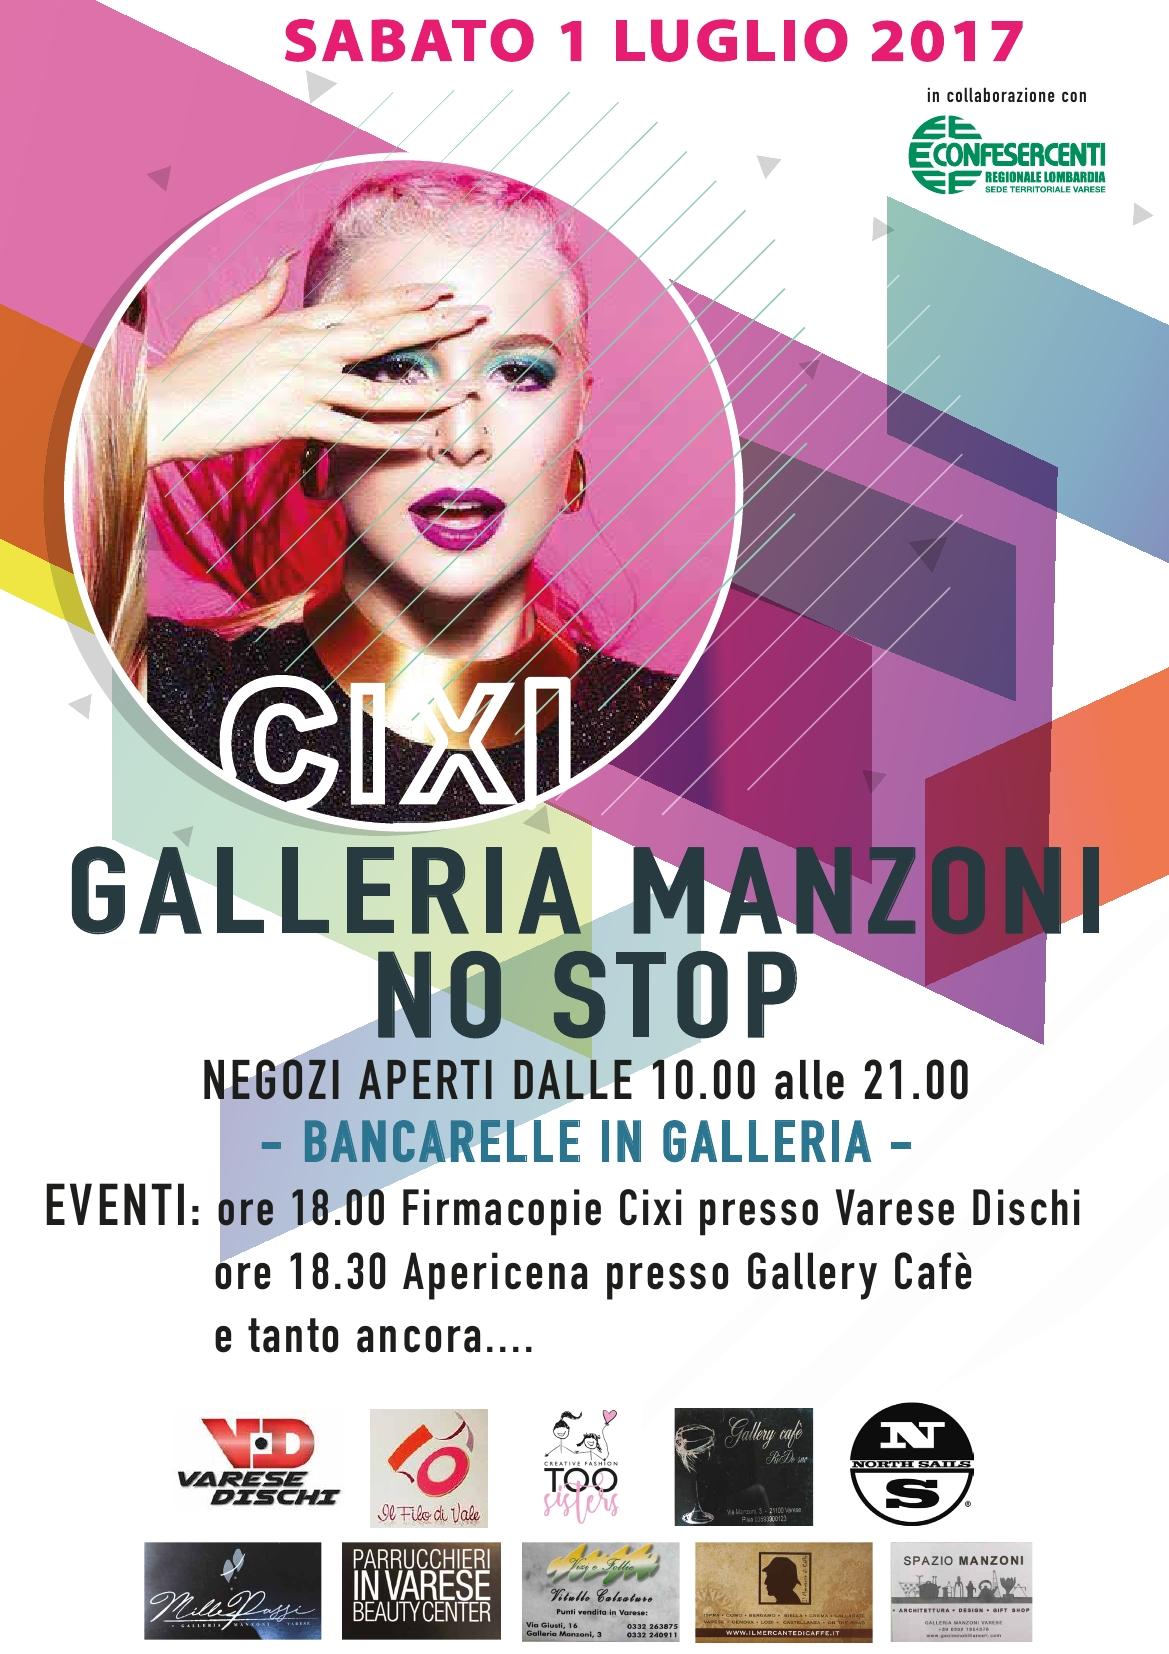 Galleria Manzoni